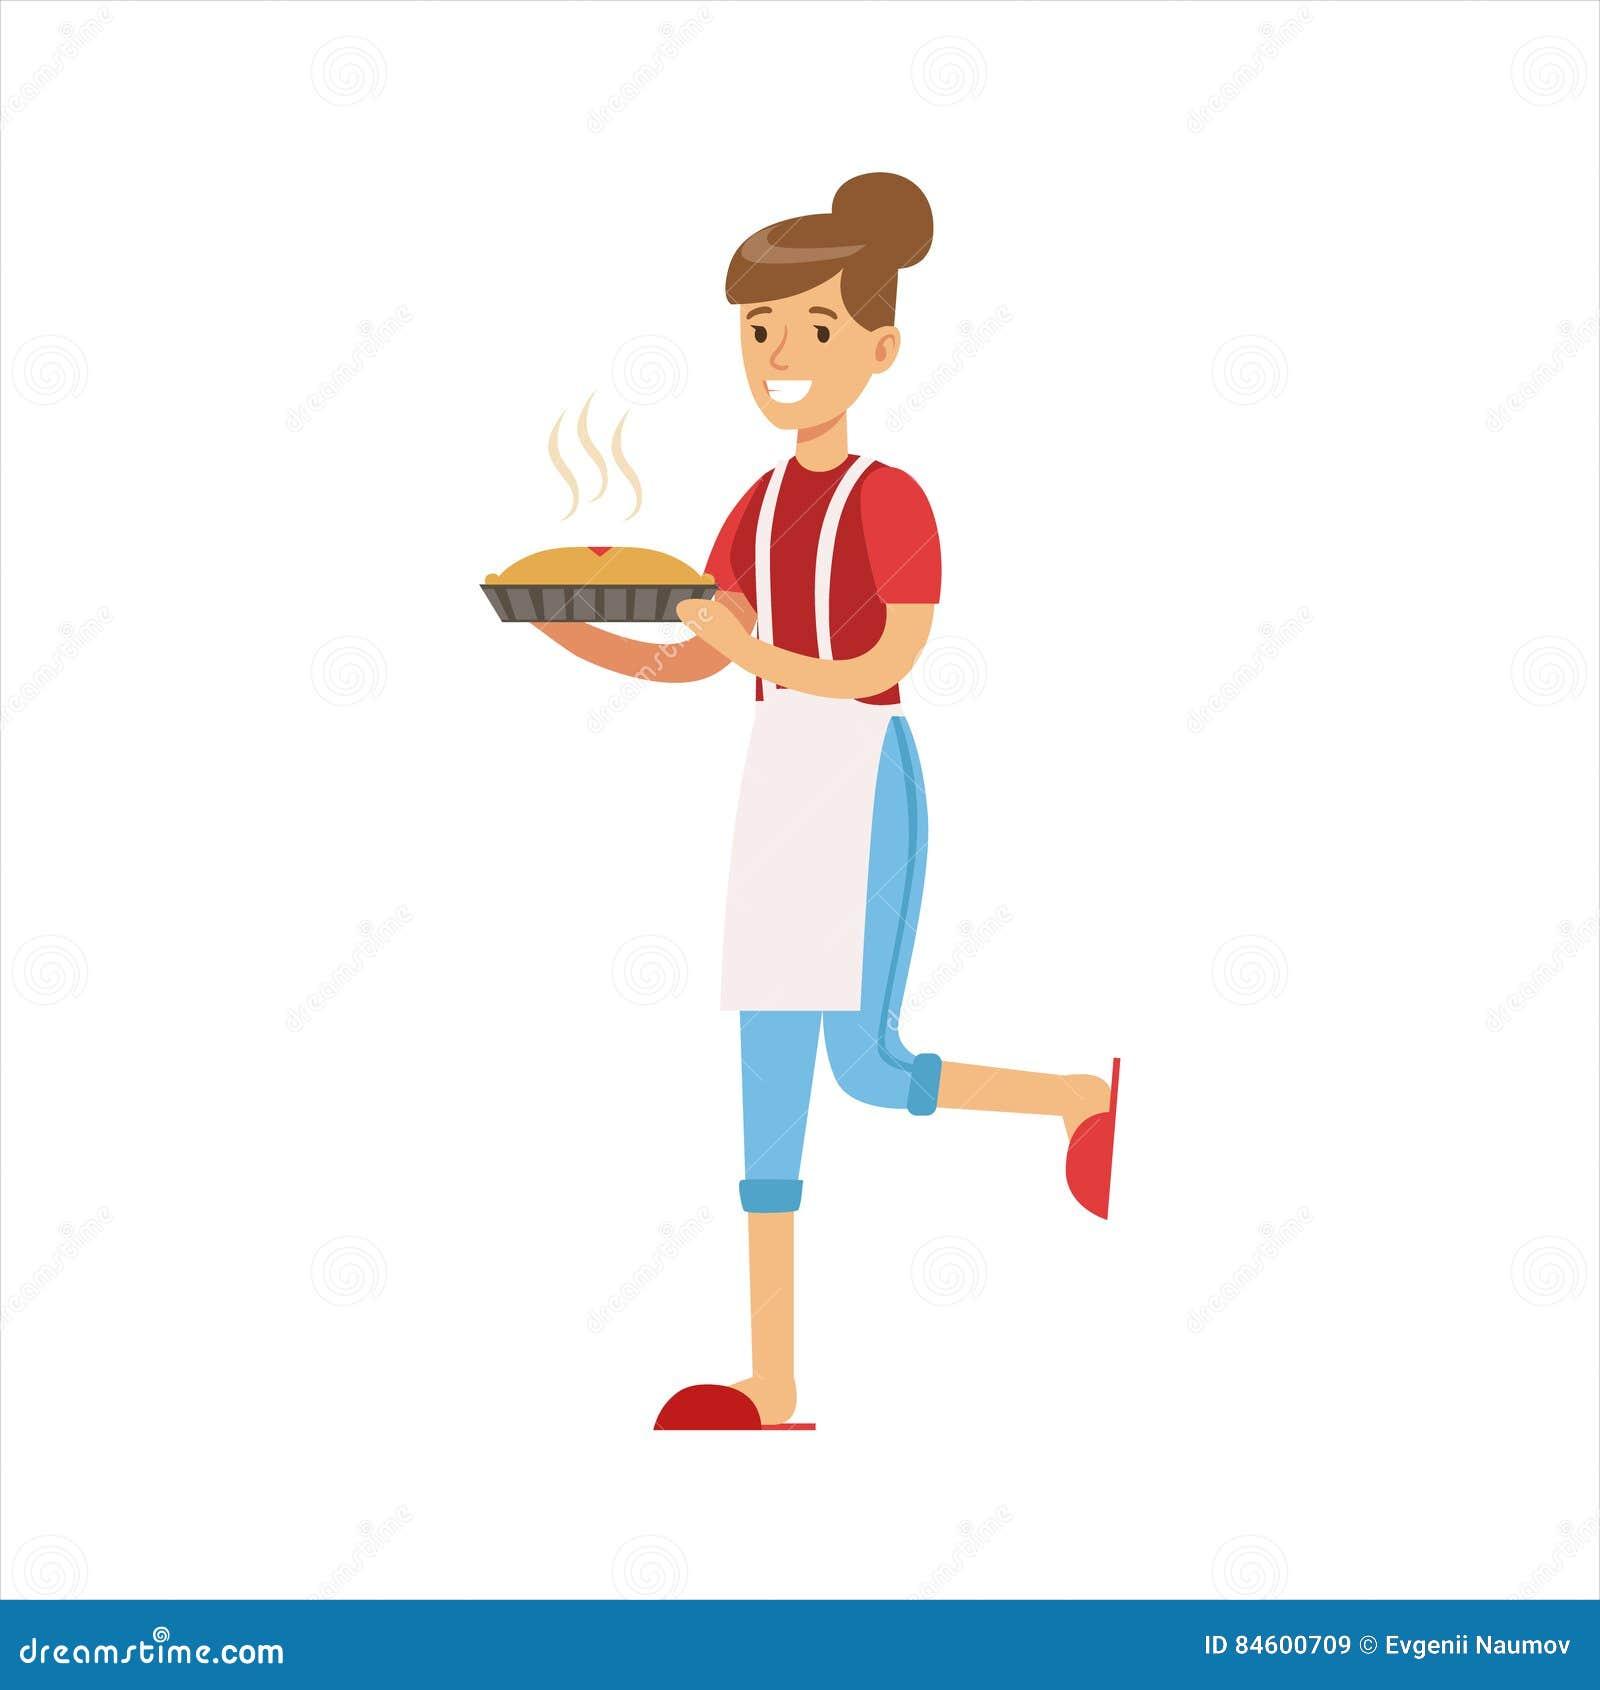 Empanada caliente de Holding Freshly Baked del ama de casa de la mujer, deber clásico del hogar de ejemplo de la esposa del Perma